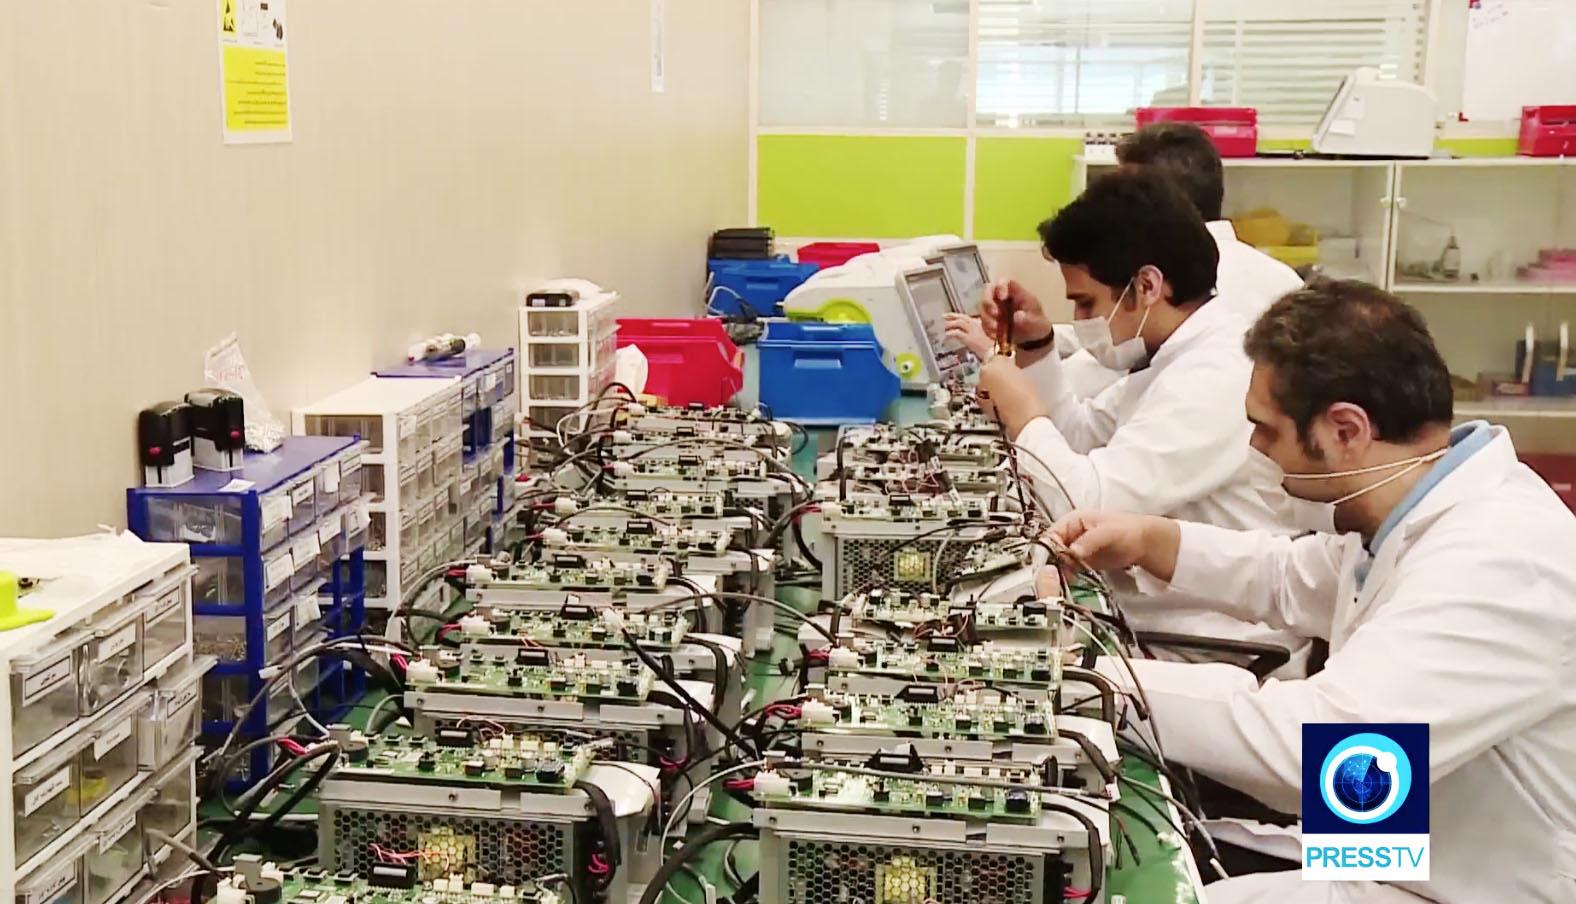 โควิด:อิหร่านผลิตเครื่องช่วยหายใจ ดิ้นรนเอง-ไม่รอสหรัฐเลิกราวี